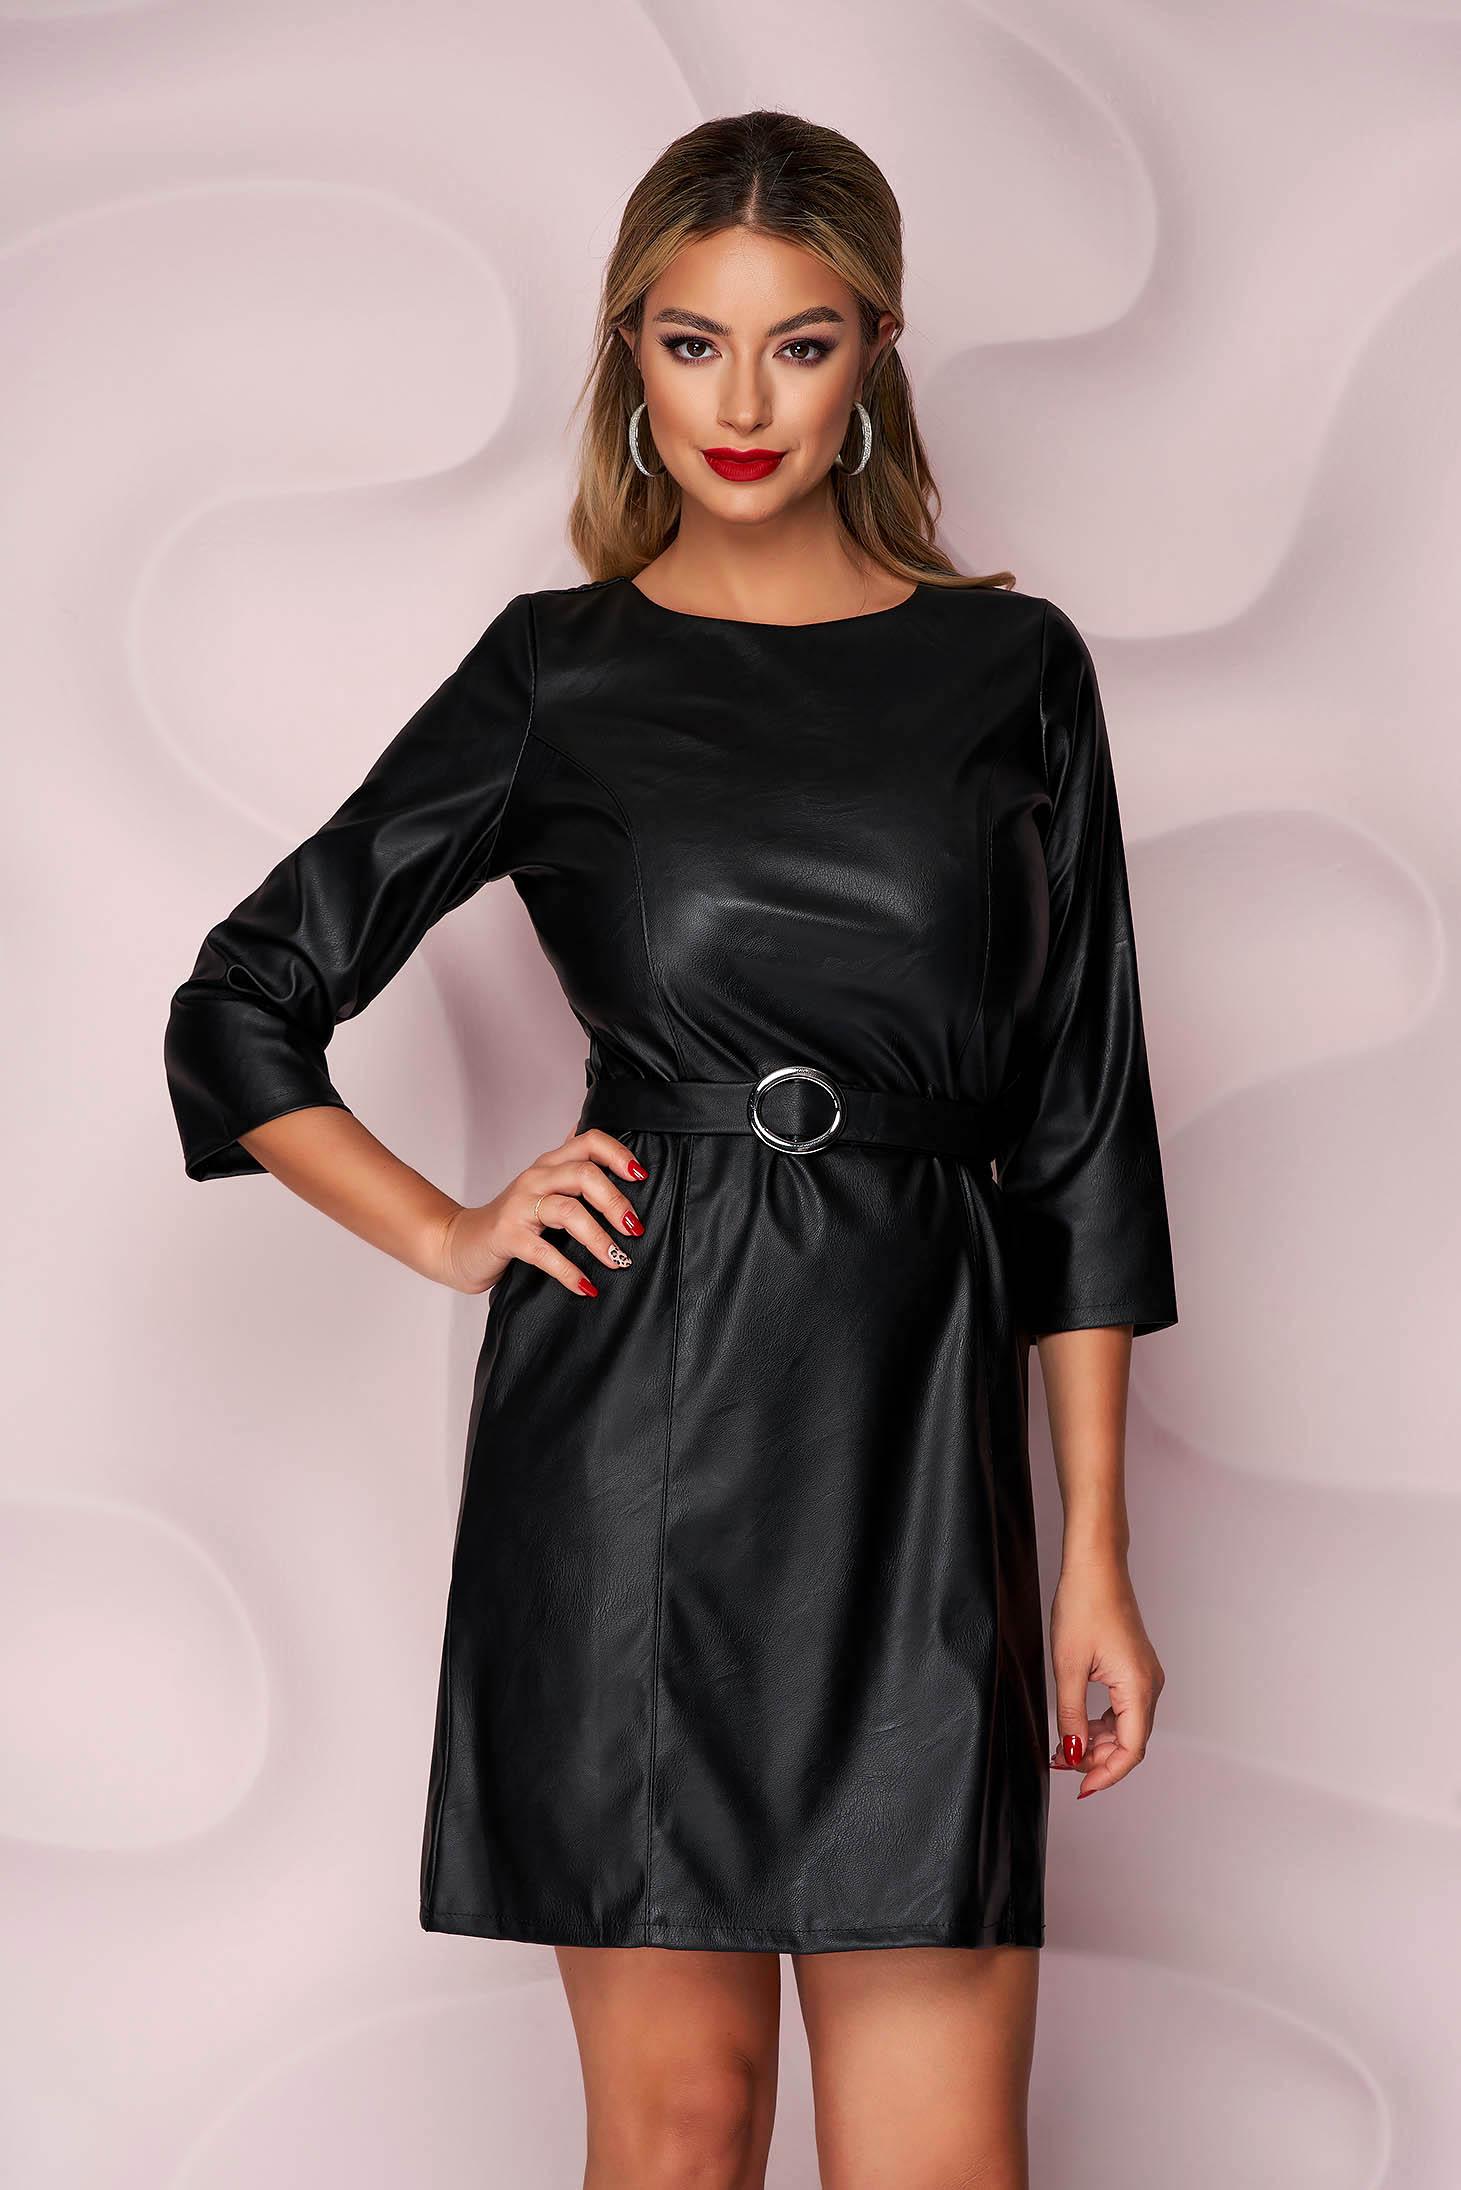 Rochie SunShine neagra casual cu un croi drept din piele ecologica si curea din imitatie de piele